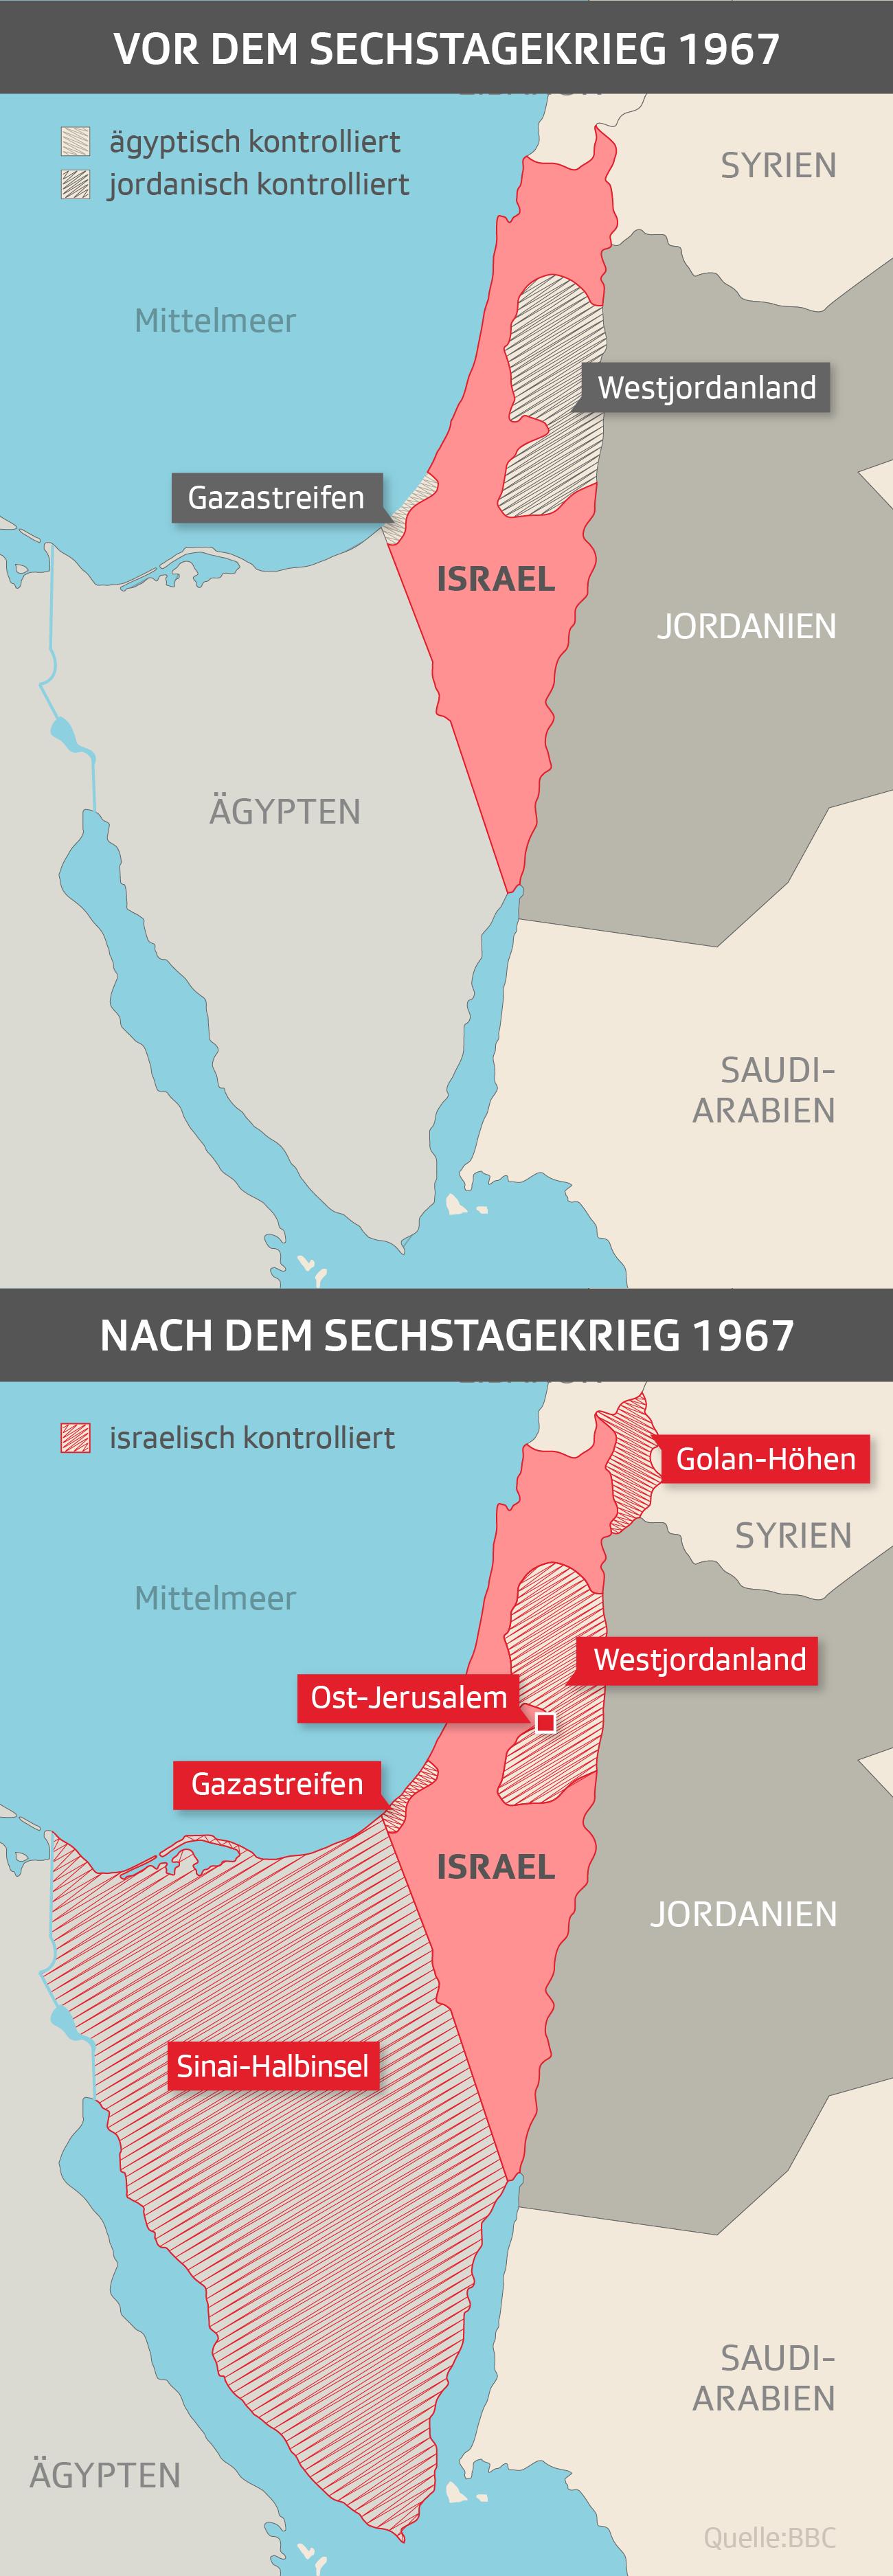 Grenzen nach dem Sechstagekrieg